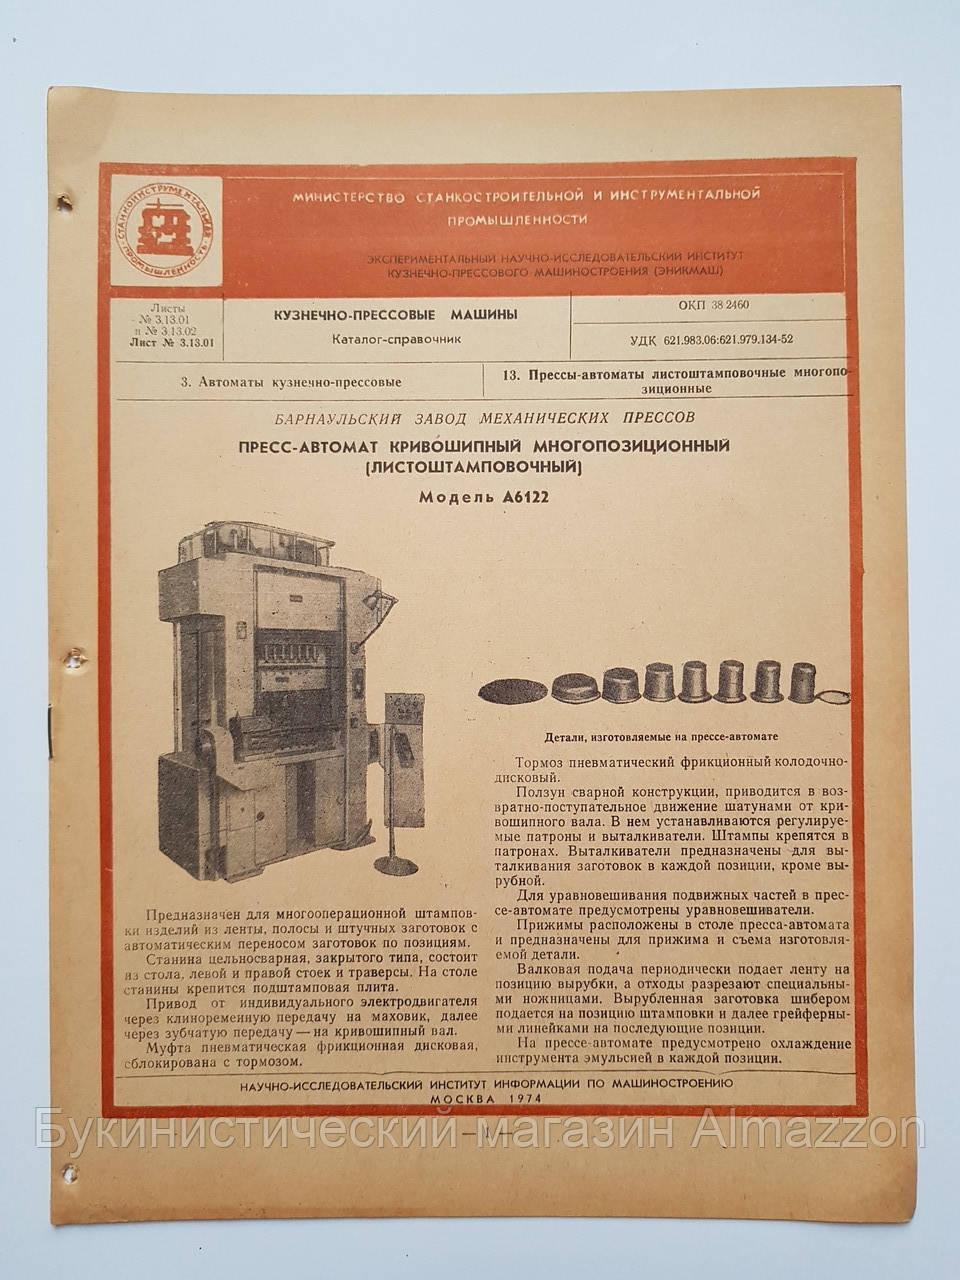 Журнал (Бюллетень) Пресс-автомат кривошипный многопозиционный А6122, А6124  3.13.01, 3.13.02